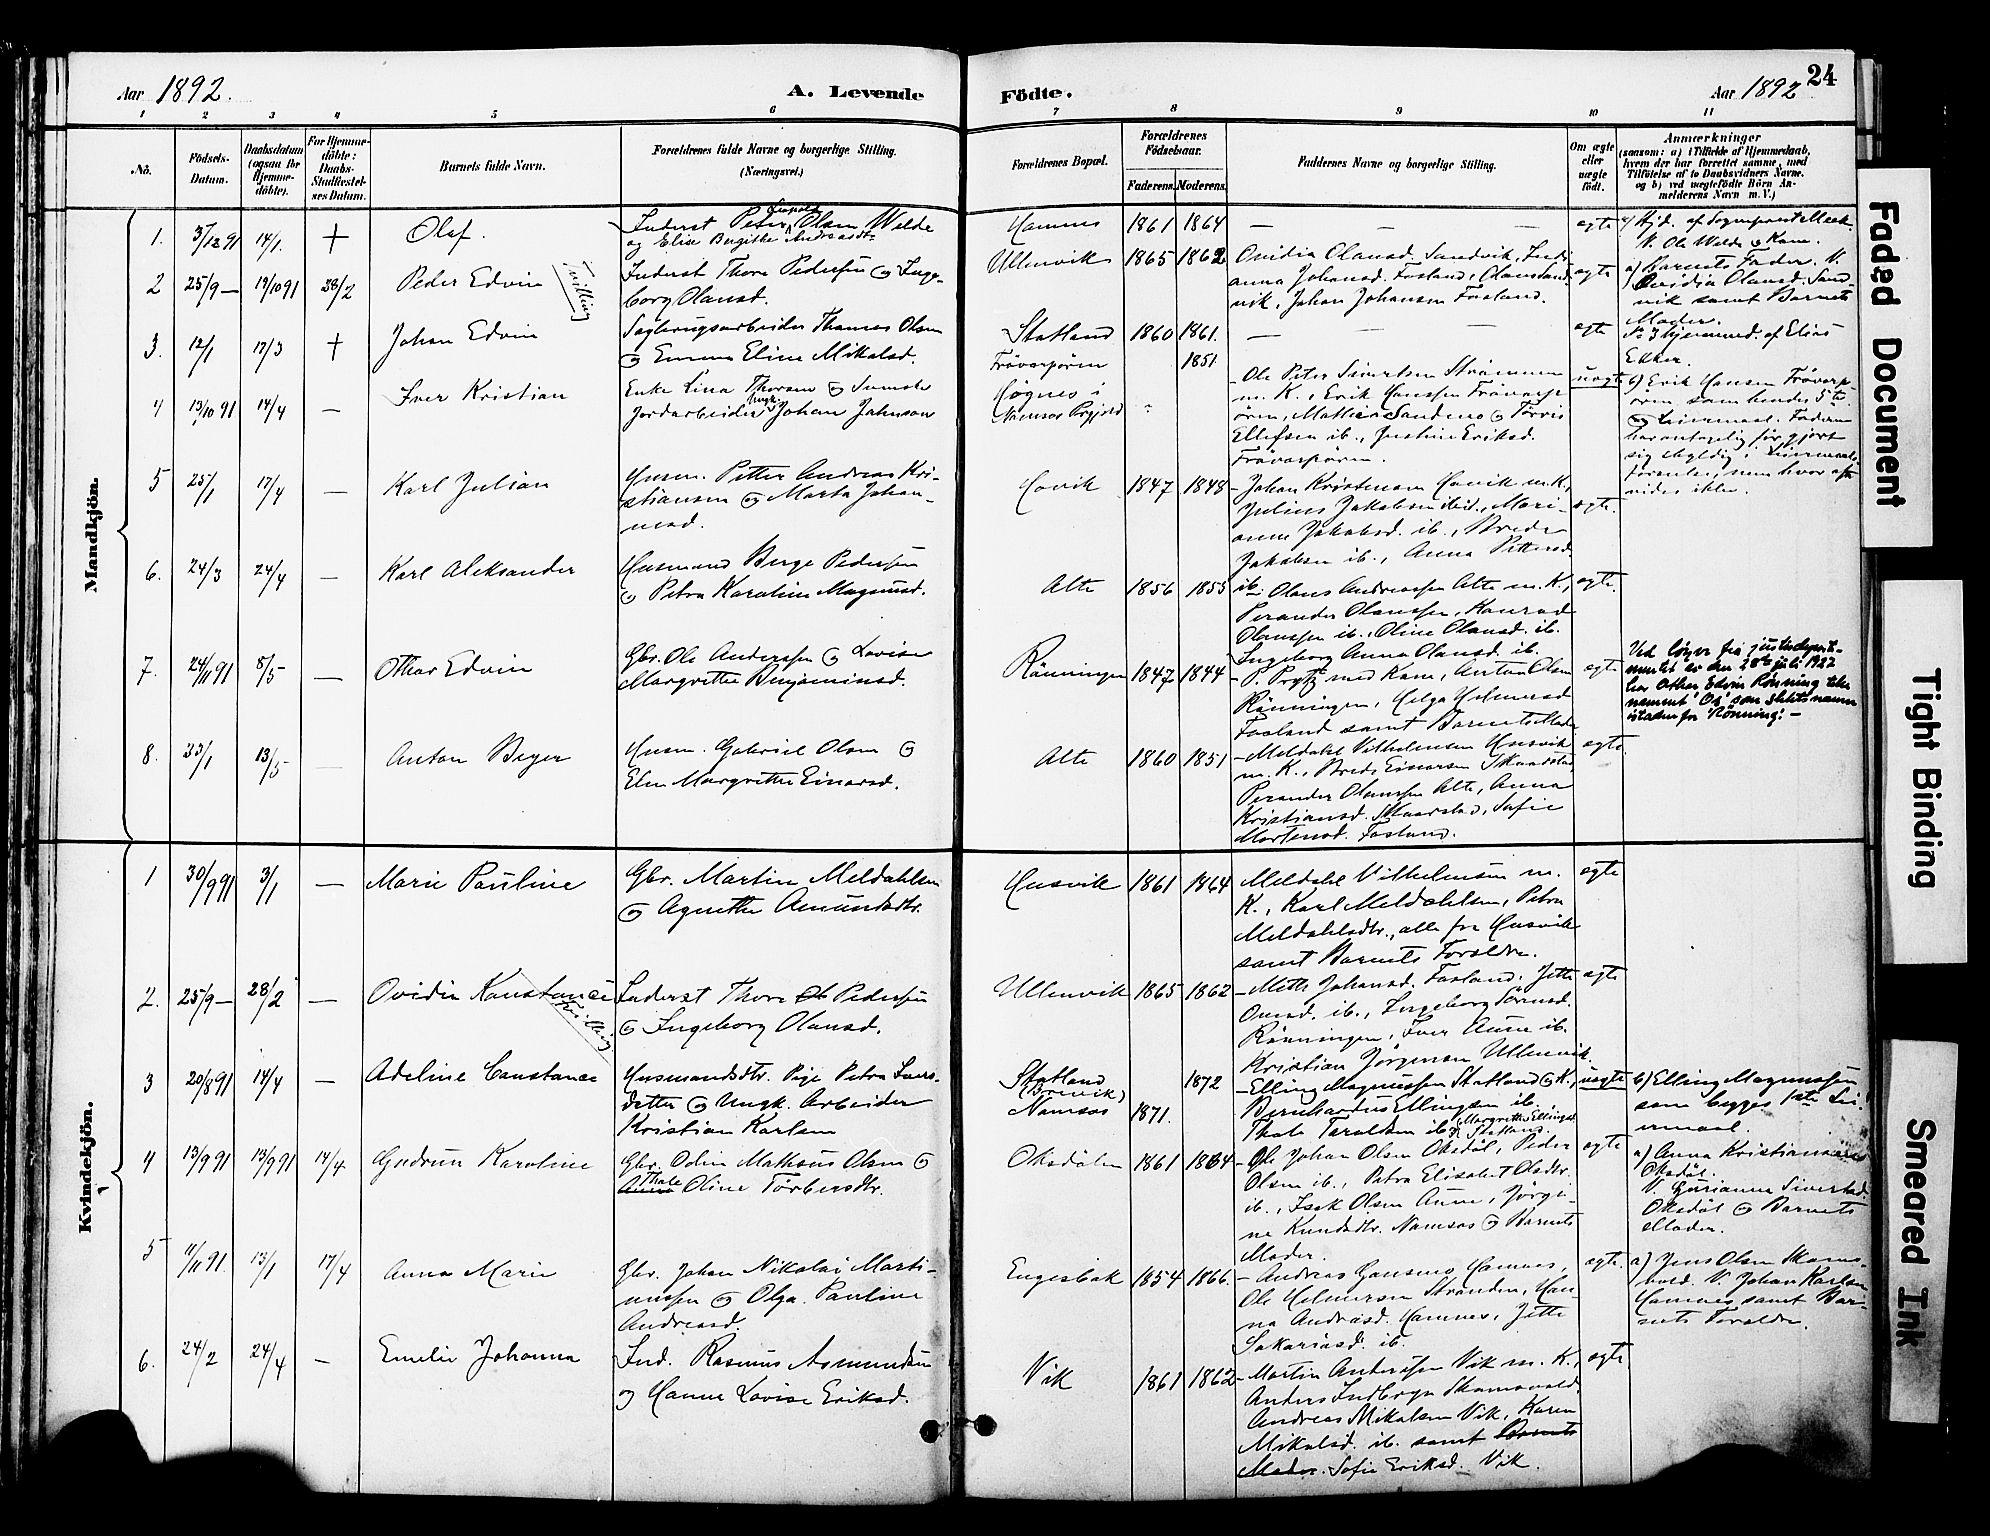 SAT, Ministerialprotokoller, klokkerbøker og fødselsregistre - Nord-Trøndelag, 774/L0628: Ministerialbok nr. 774A02, 1887-1903, s. 24